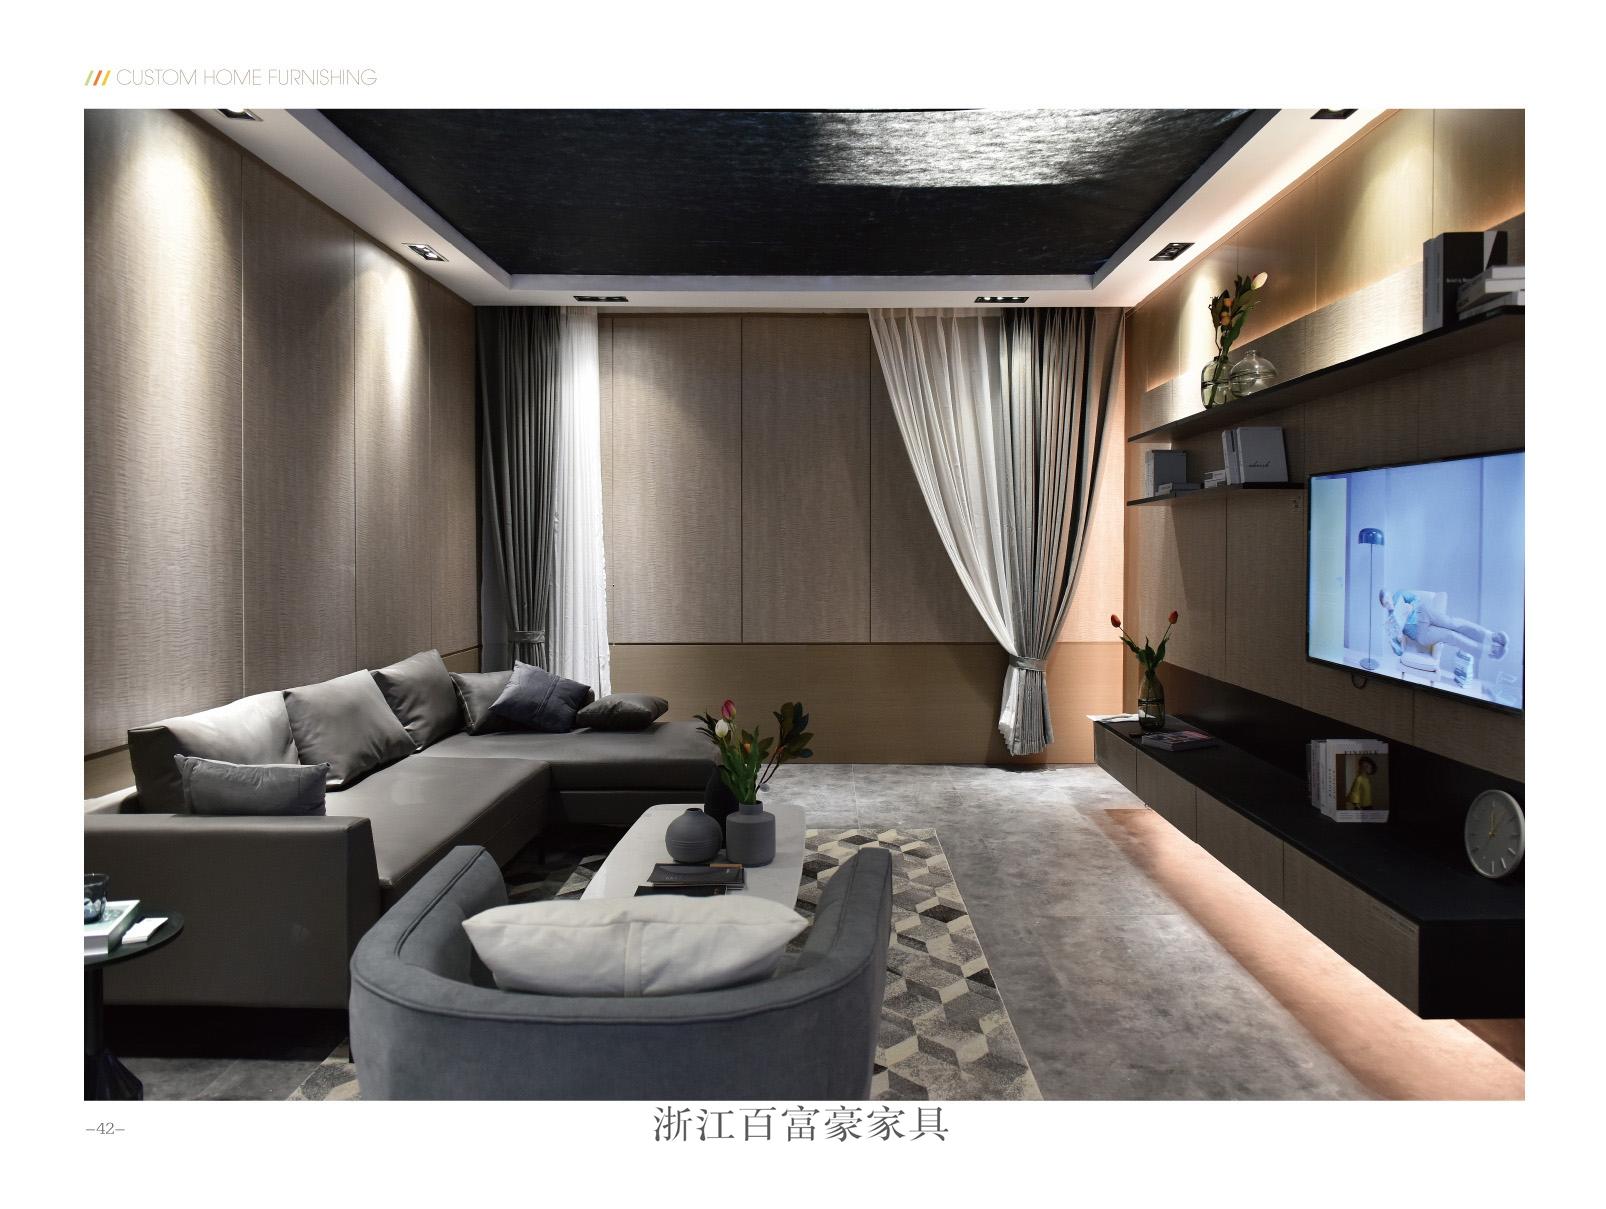 2客厅空间展示-043